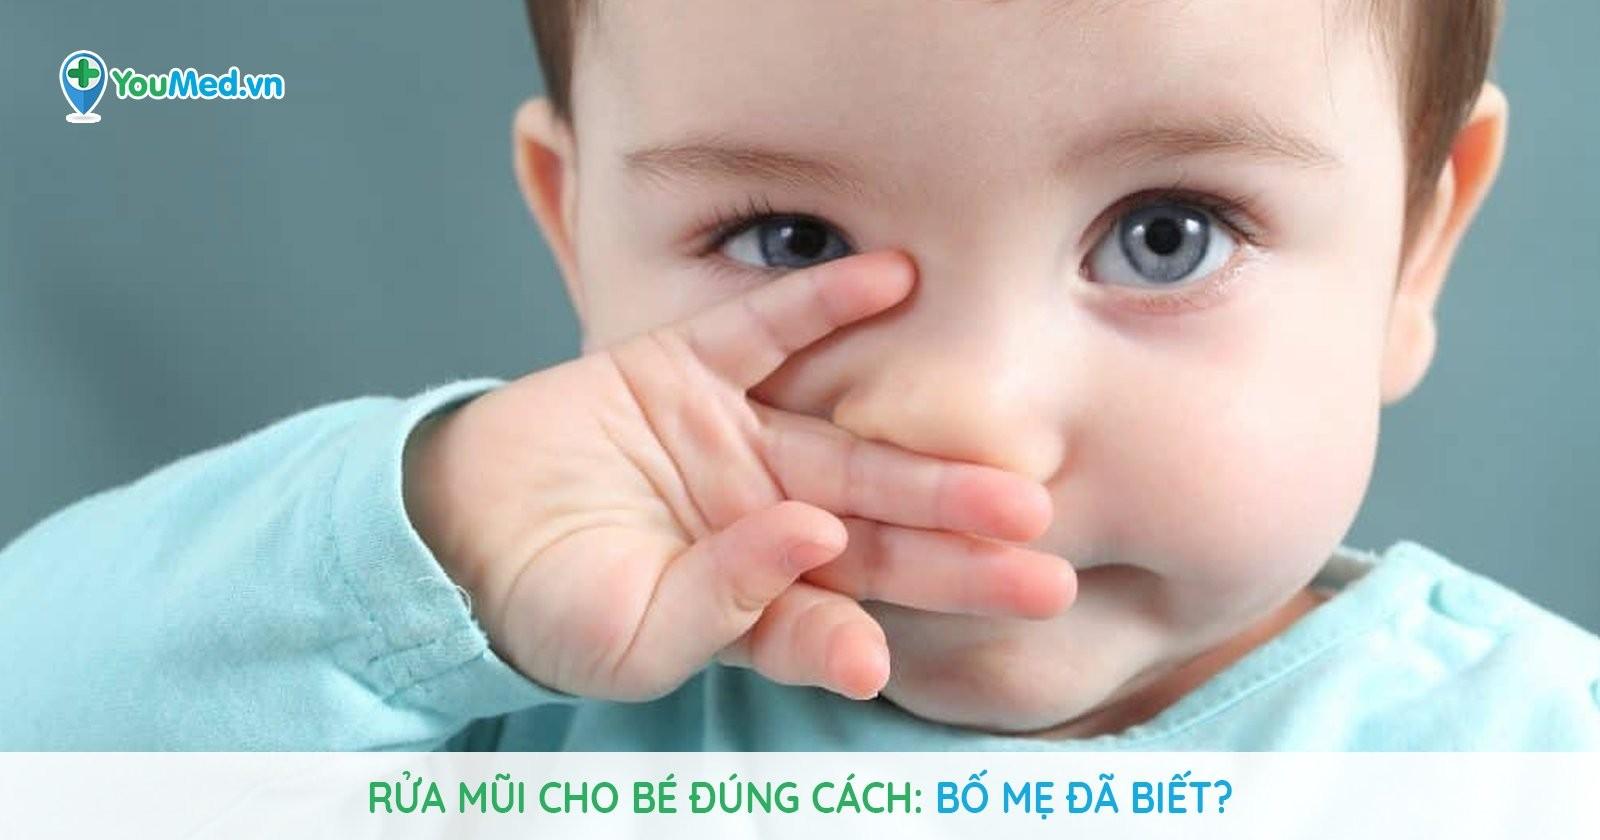 Rửa mũi cho bé đúng cách: Bố mẹ đã biết?